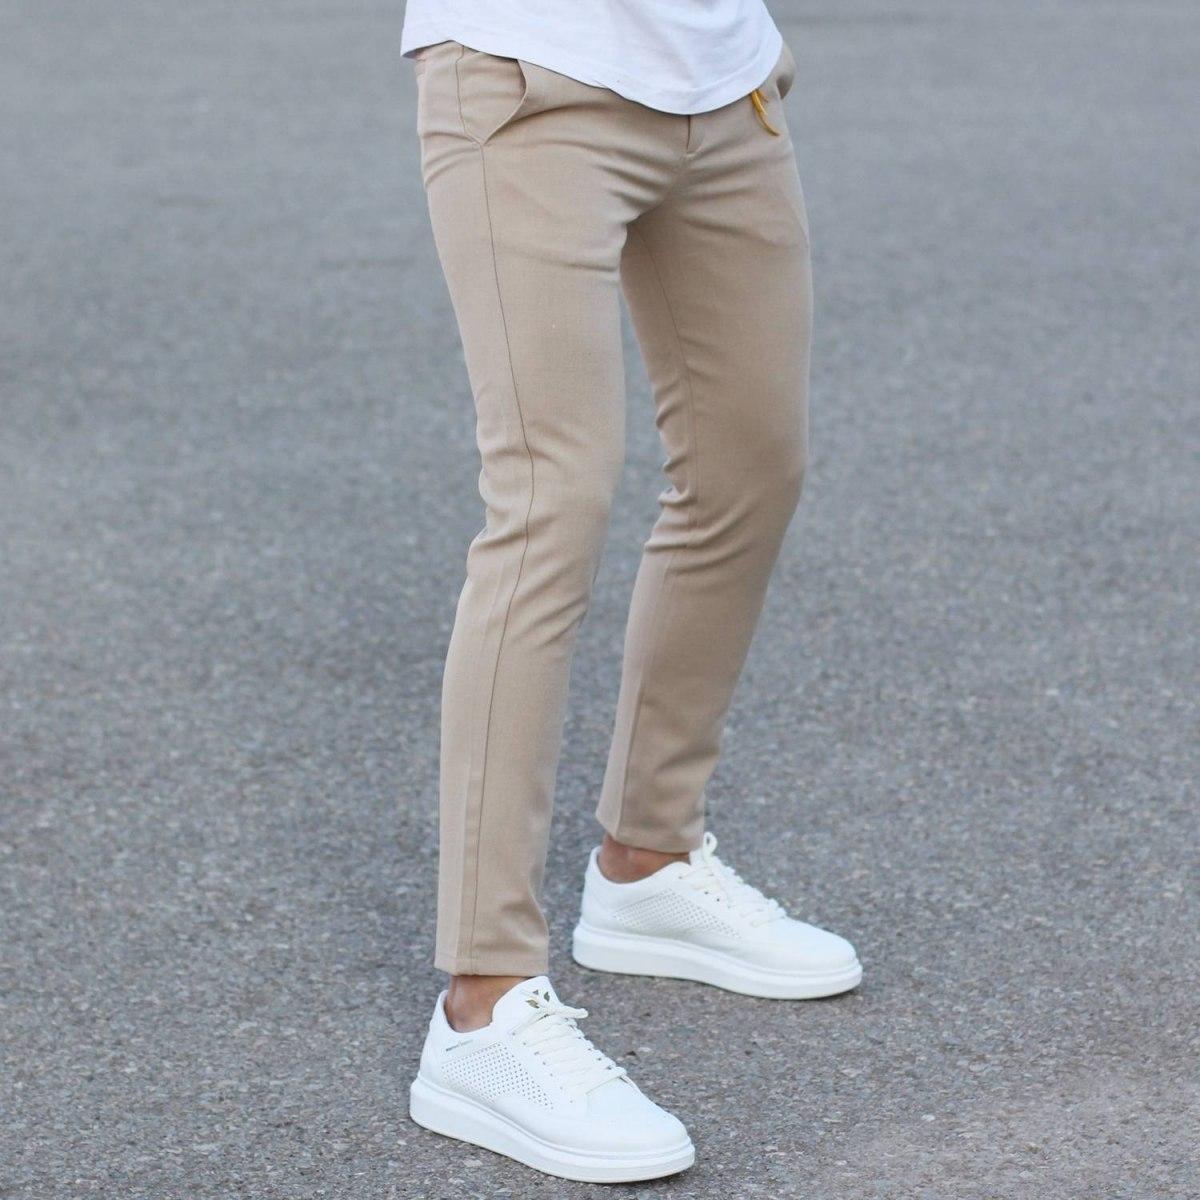 Comfort Smart-Wear Pants in Beige Mv Premium Brand - 4